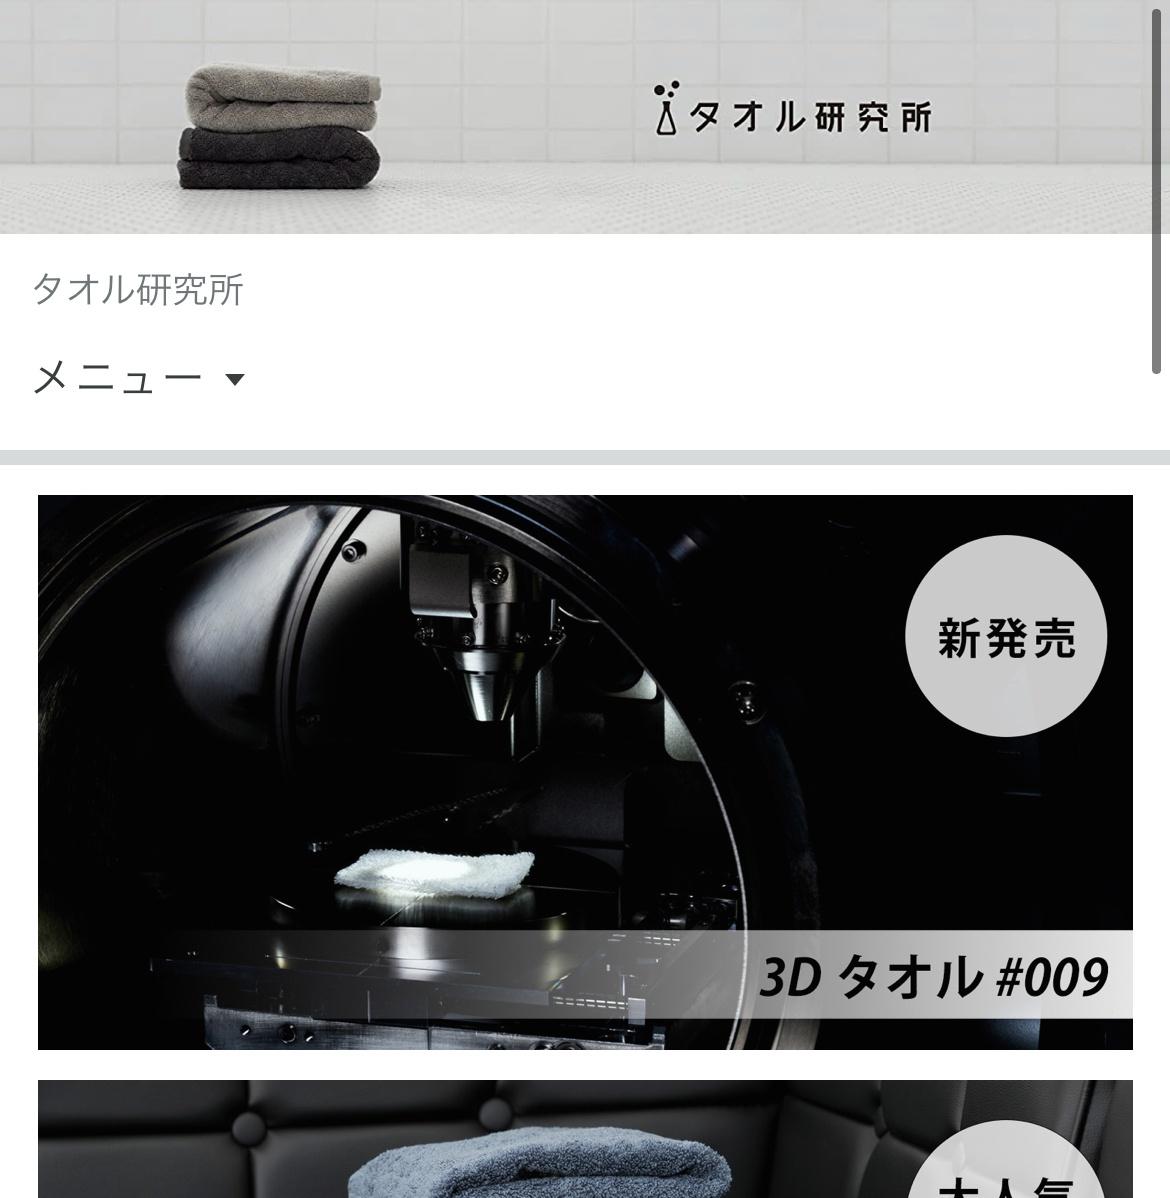 Panasonic(パナソニック) キューブル ななめドラム洗濯乾燥機 NA-VG2500を使ったsaynoさんのクチコミ画像3